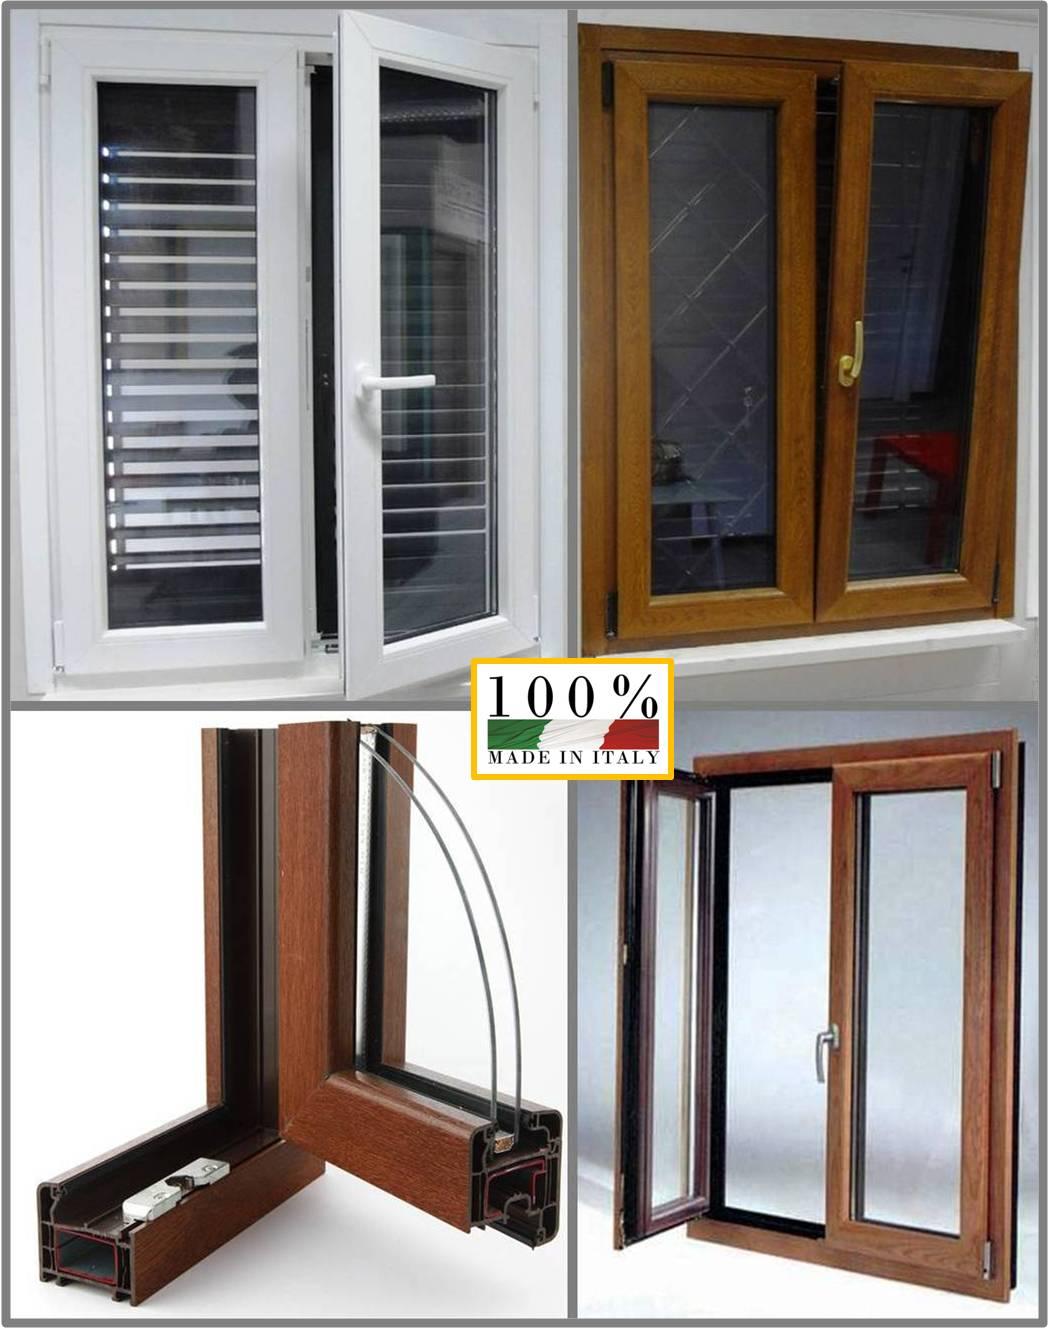 Costo finestra pvc free with costo finestra pvc elegant finest porte finestre pvc descrizione - Costo porta finestra pvc ...